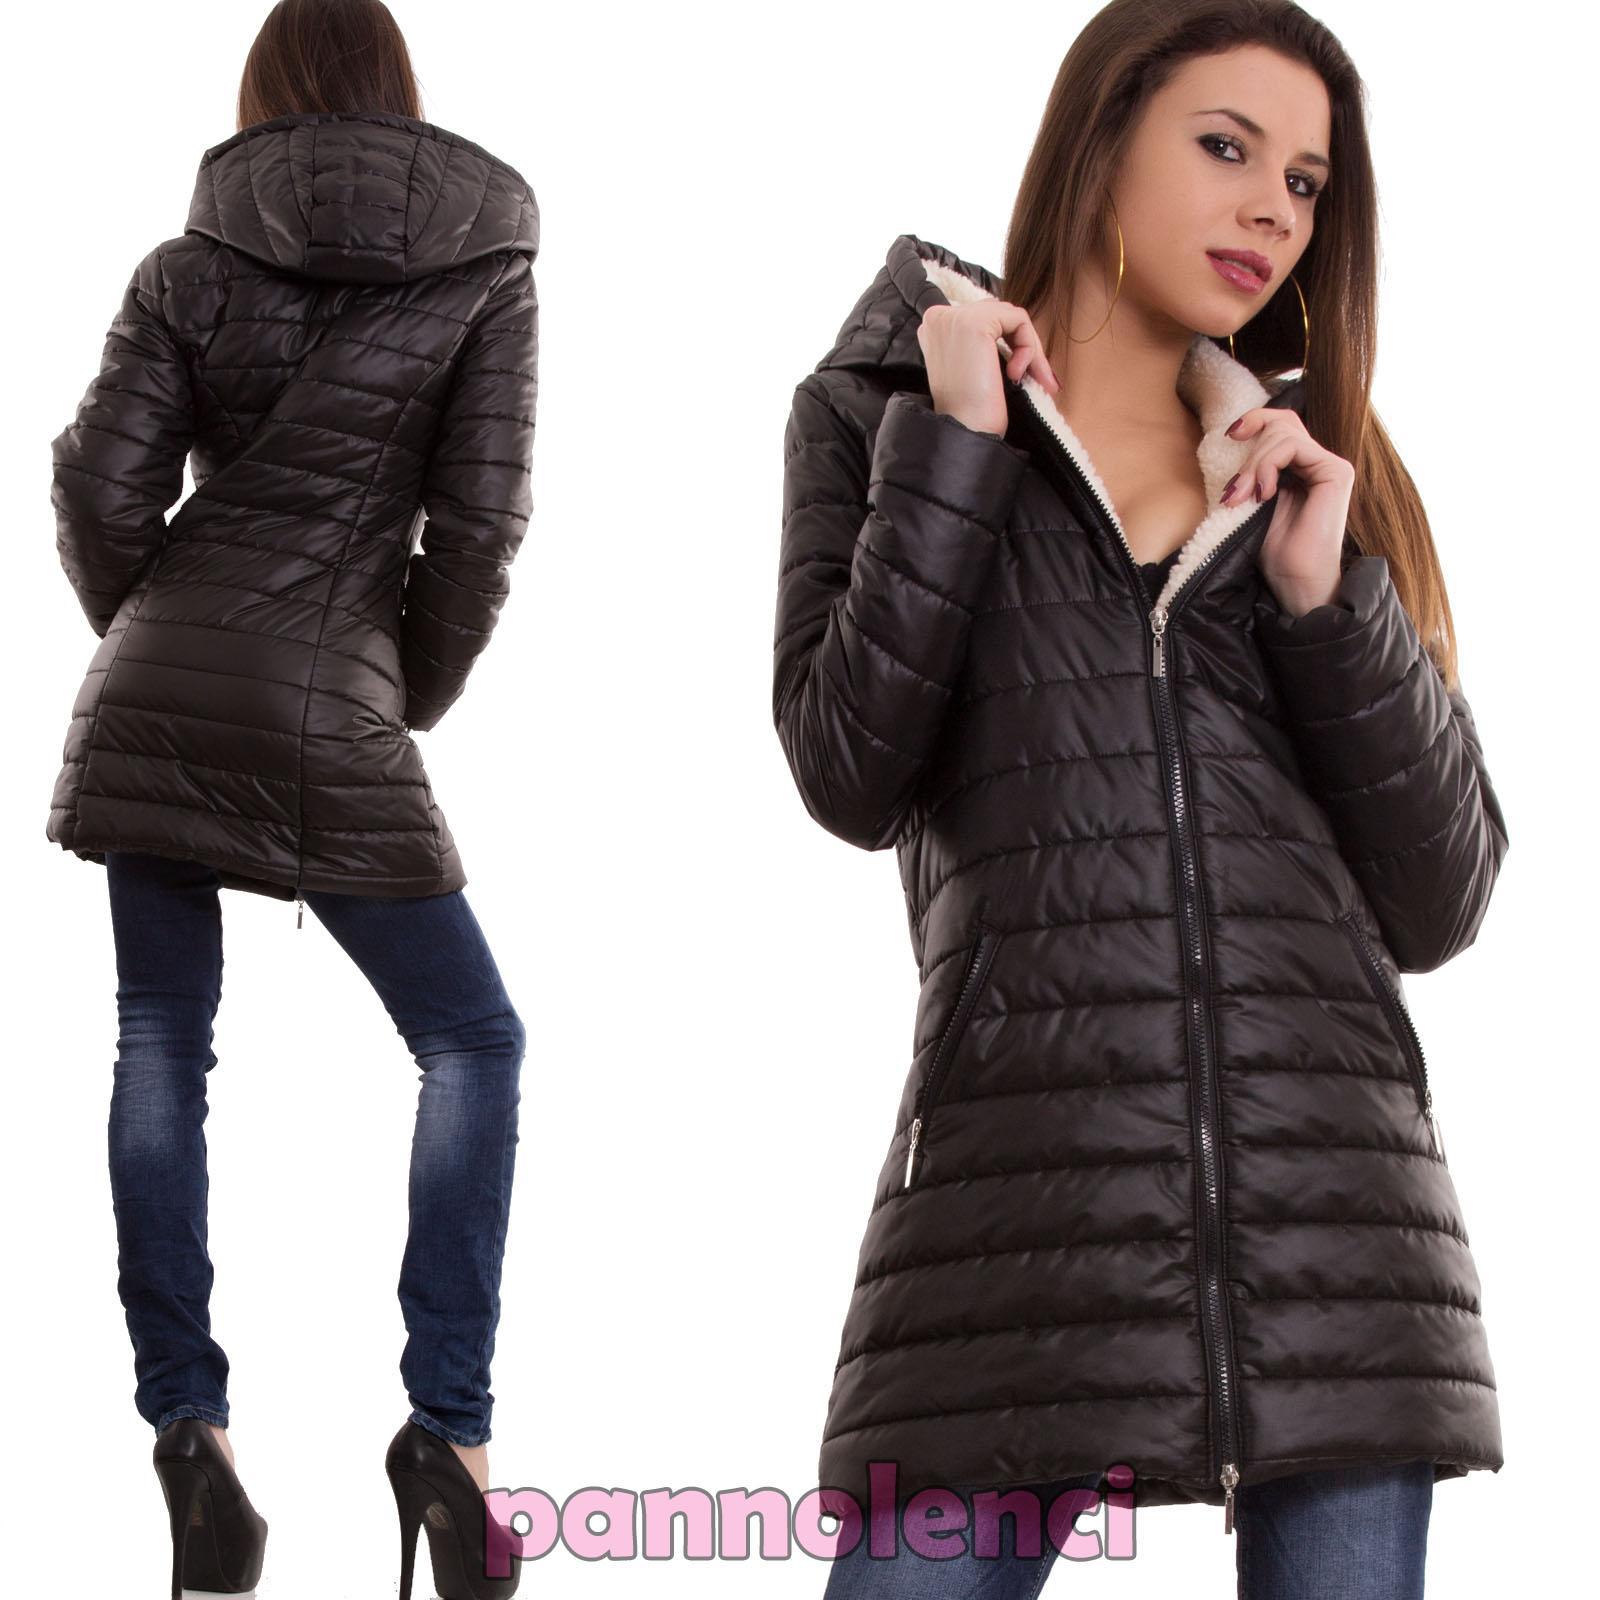 new styles 2c451 bd75d Detalles de Piumino donna giubbotto giaccone lungo cappuccio maniche lunghe  nuovo CC-1076